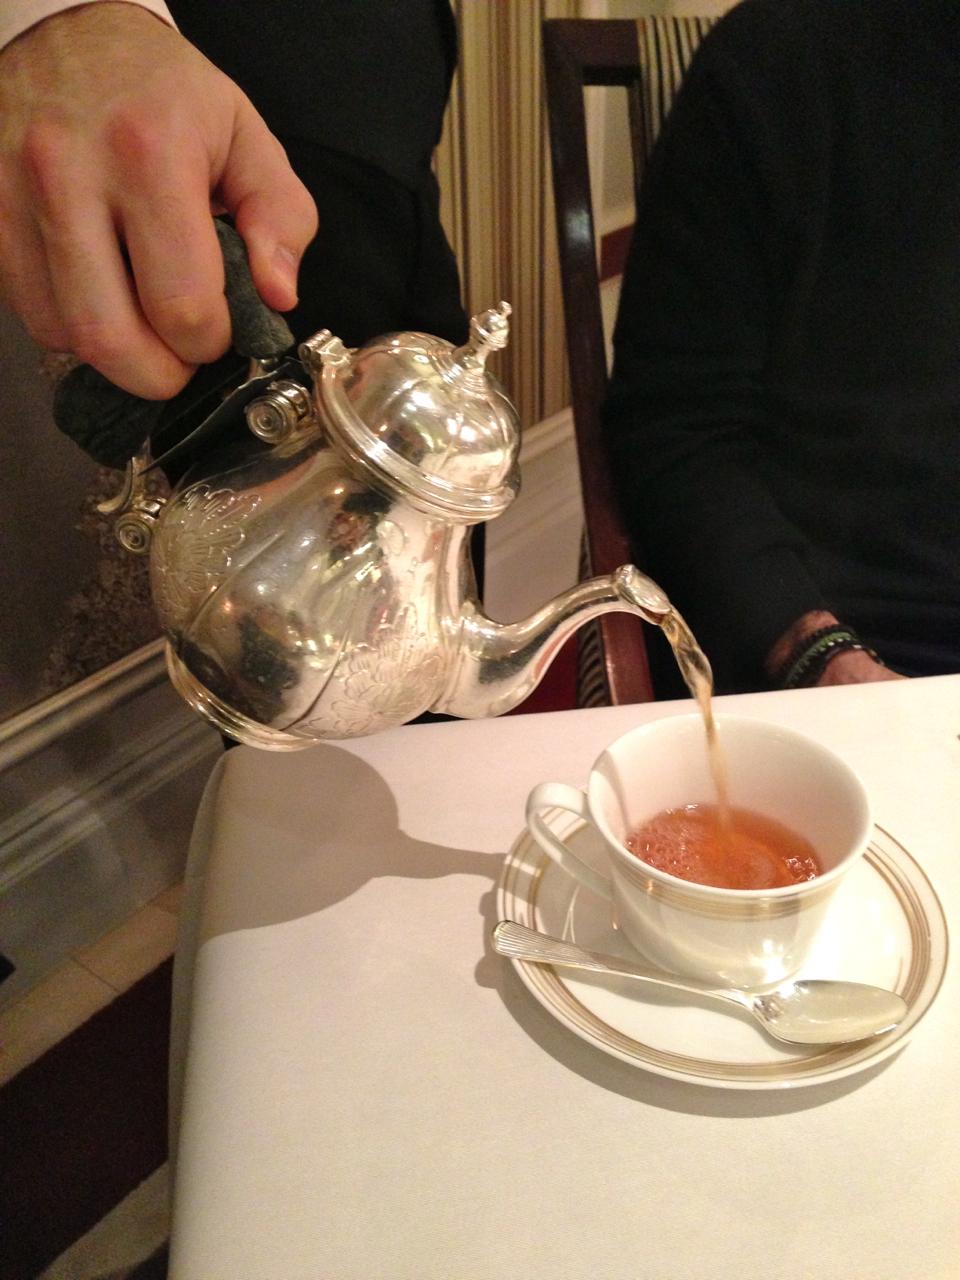 Escolhi o chá, uma delícia!!  O Roberto achou feminino demais.